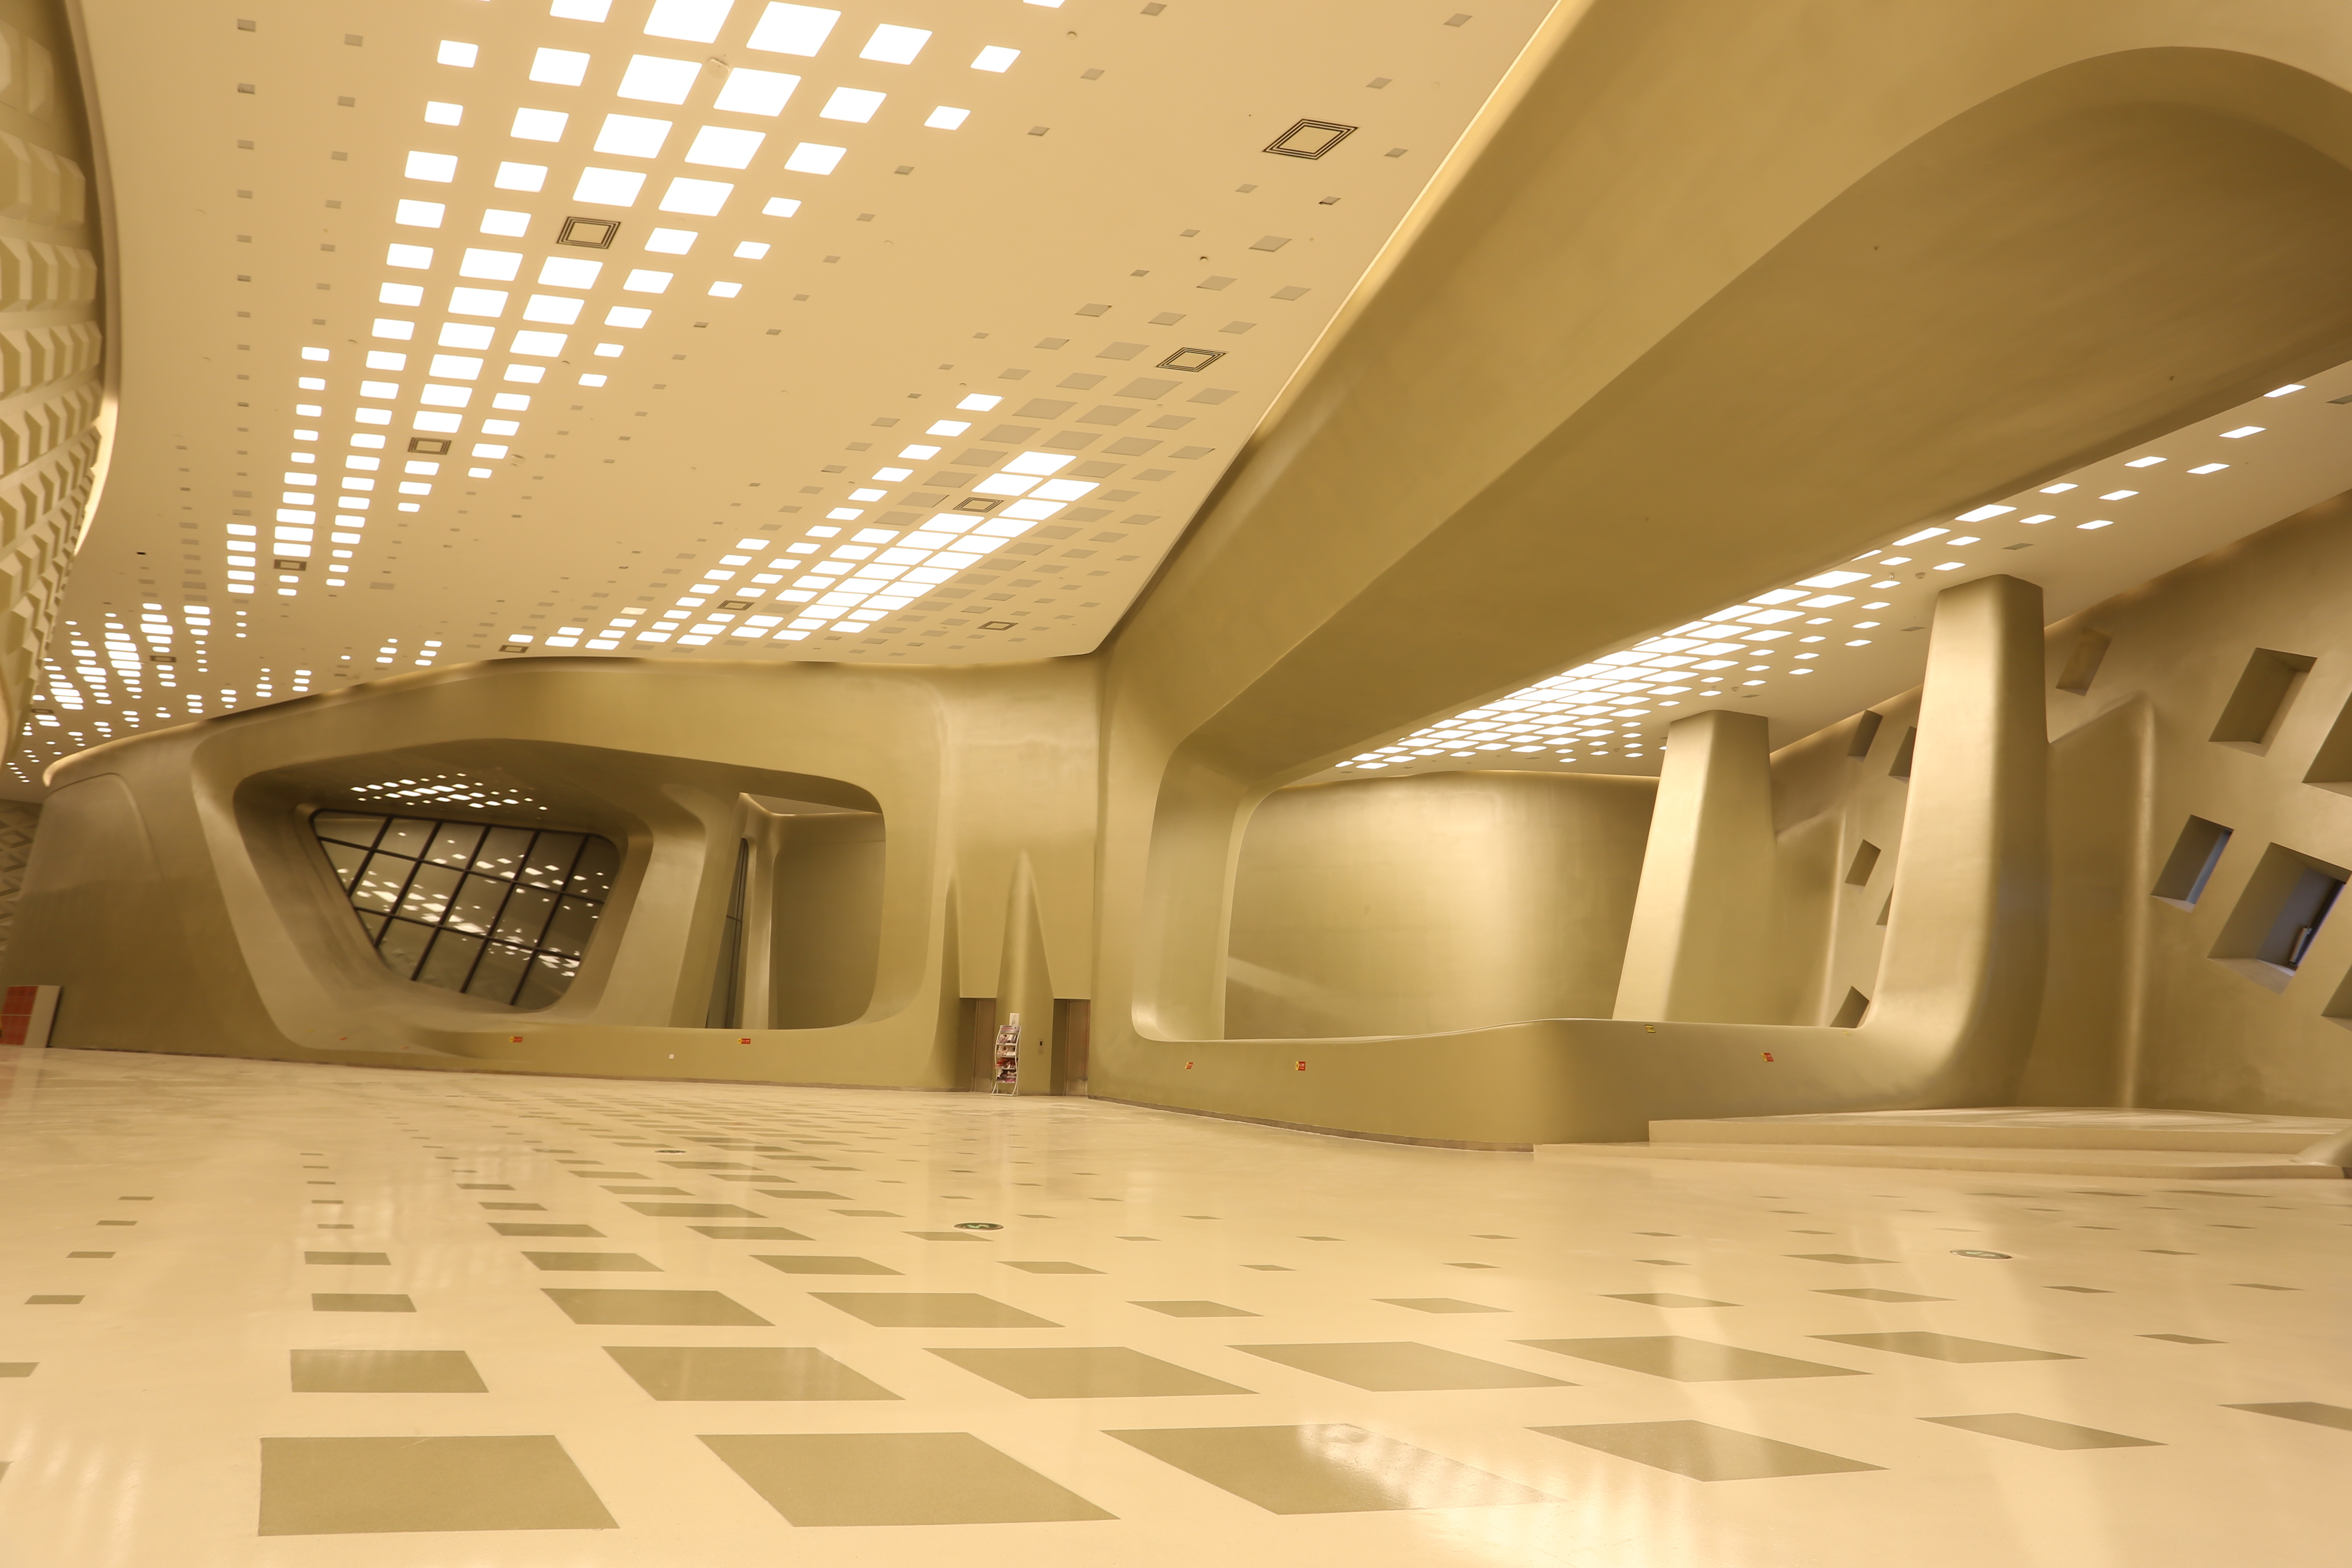 Cdn lighting hilft nanjing international youth cultural center den